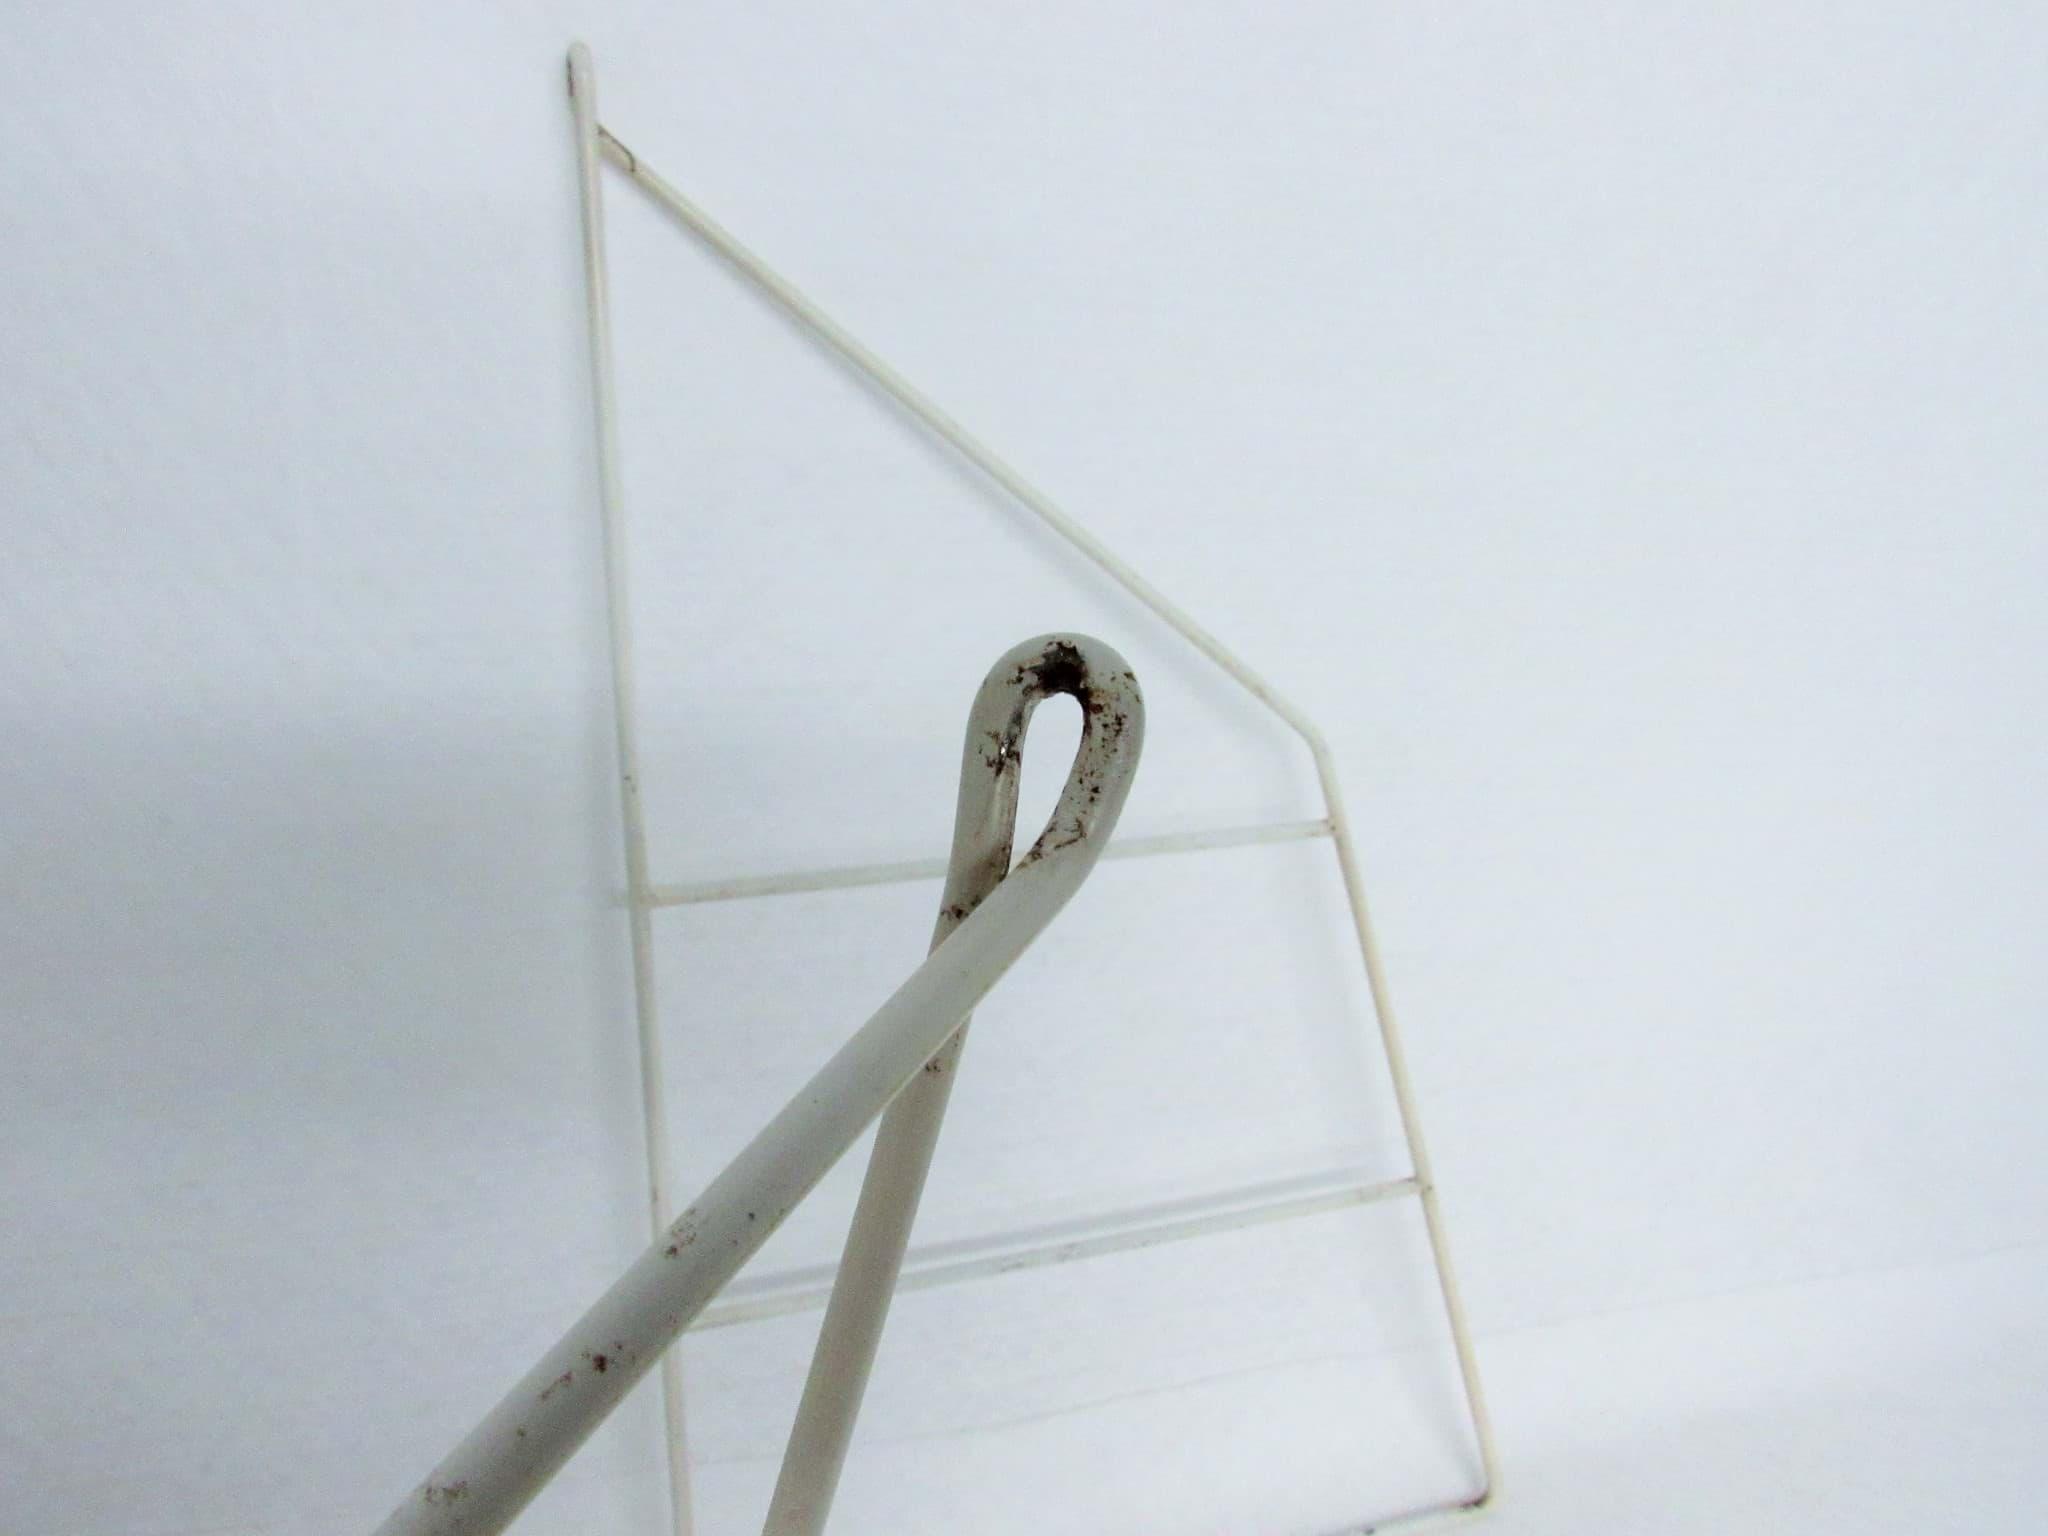 String Wandregal Leitern Paar Weiss Sofort Kaufen Bei Uns Im